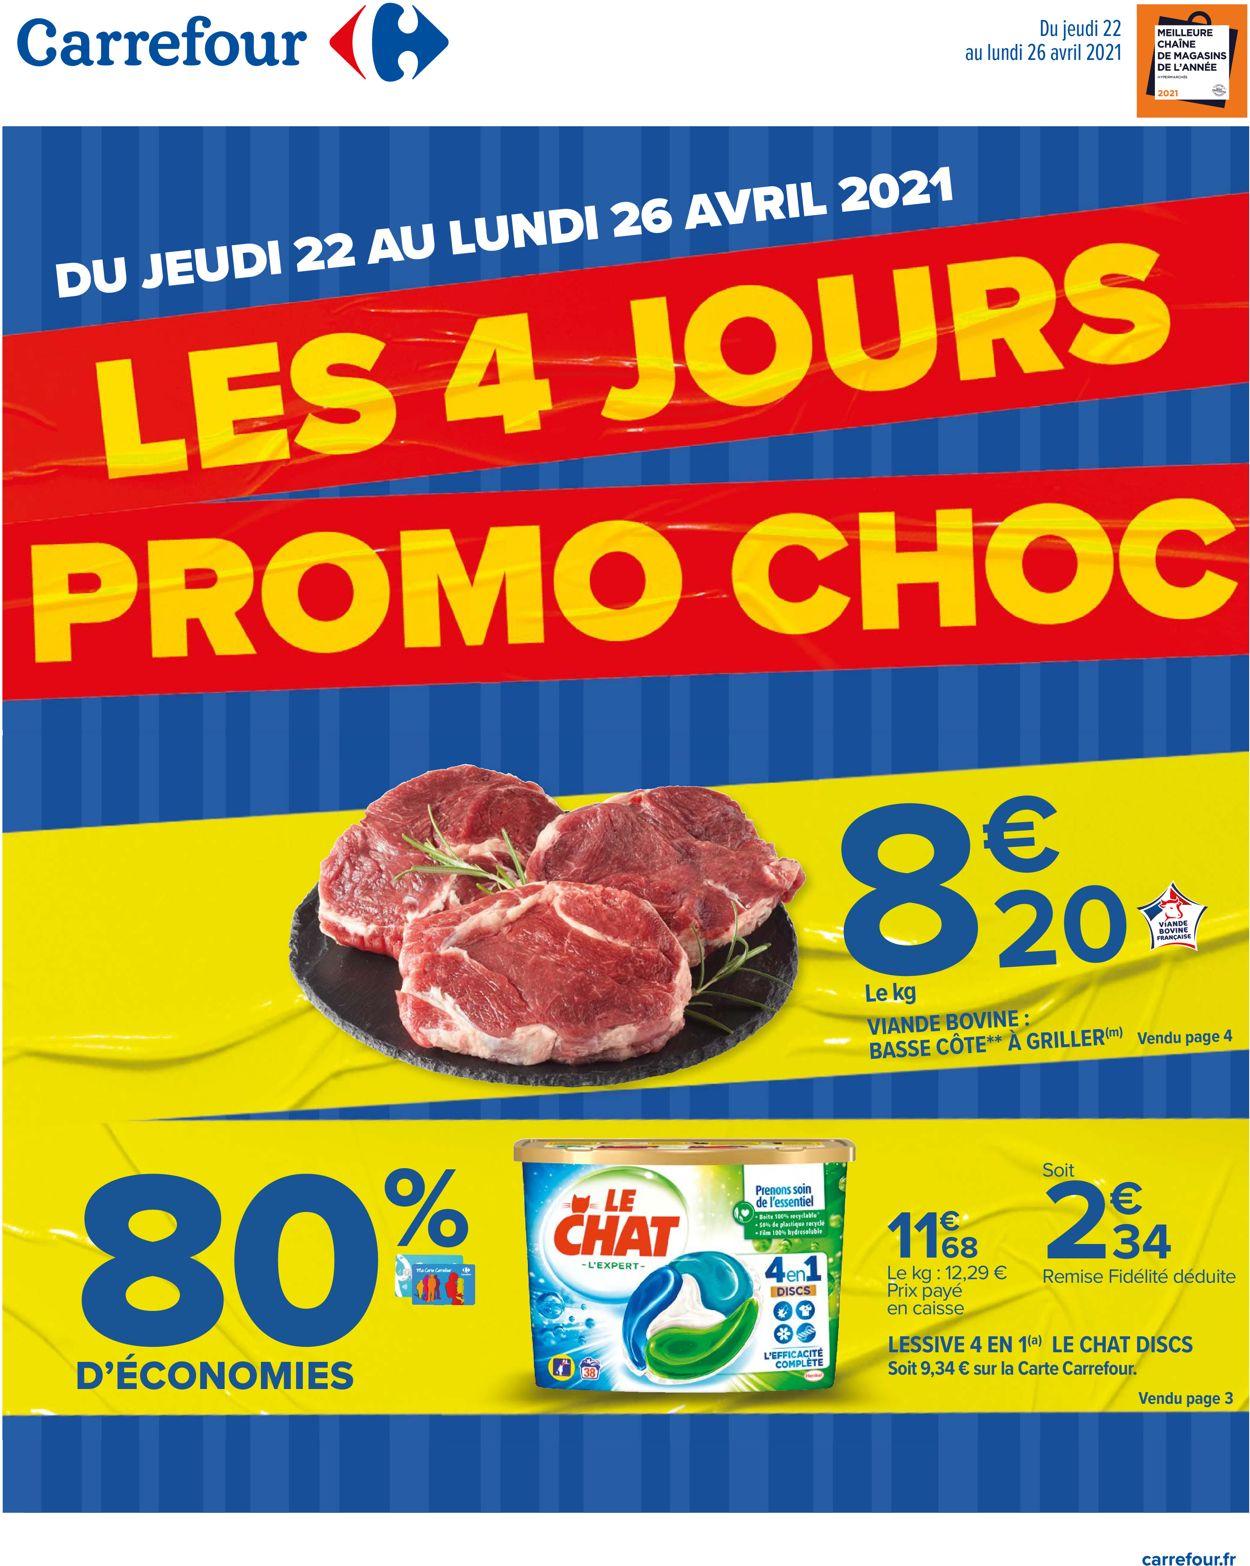 Carrefour Catalogue - 22.04-26.04.2021